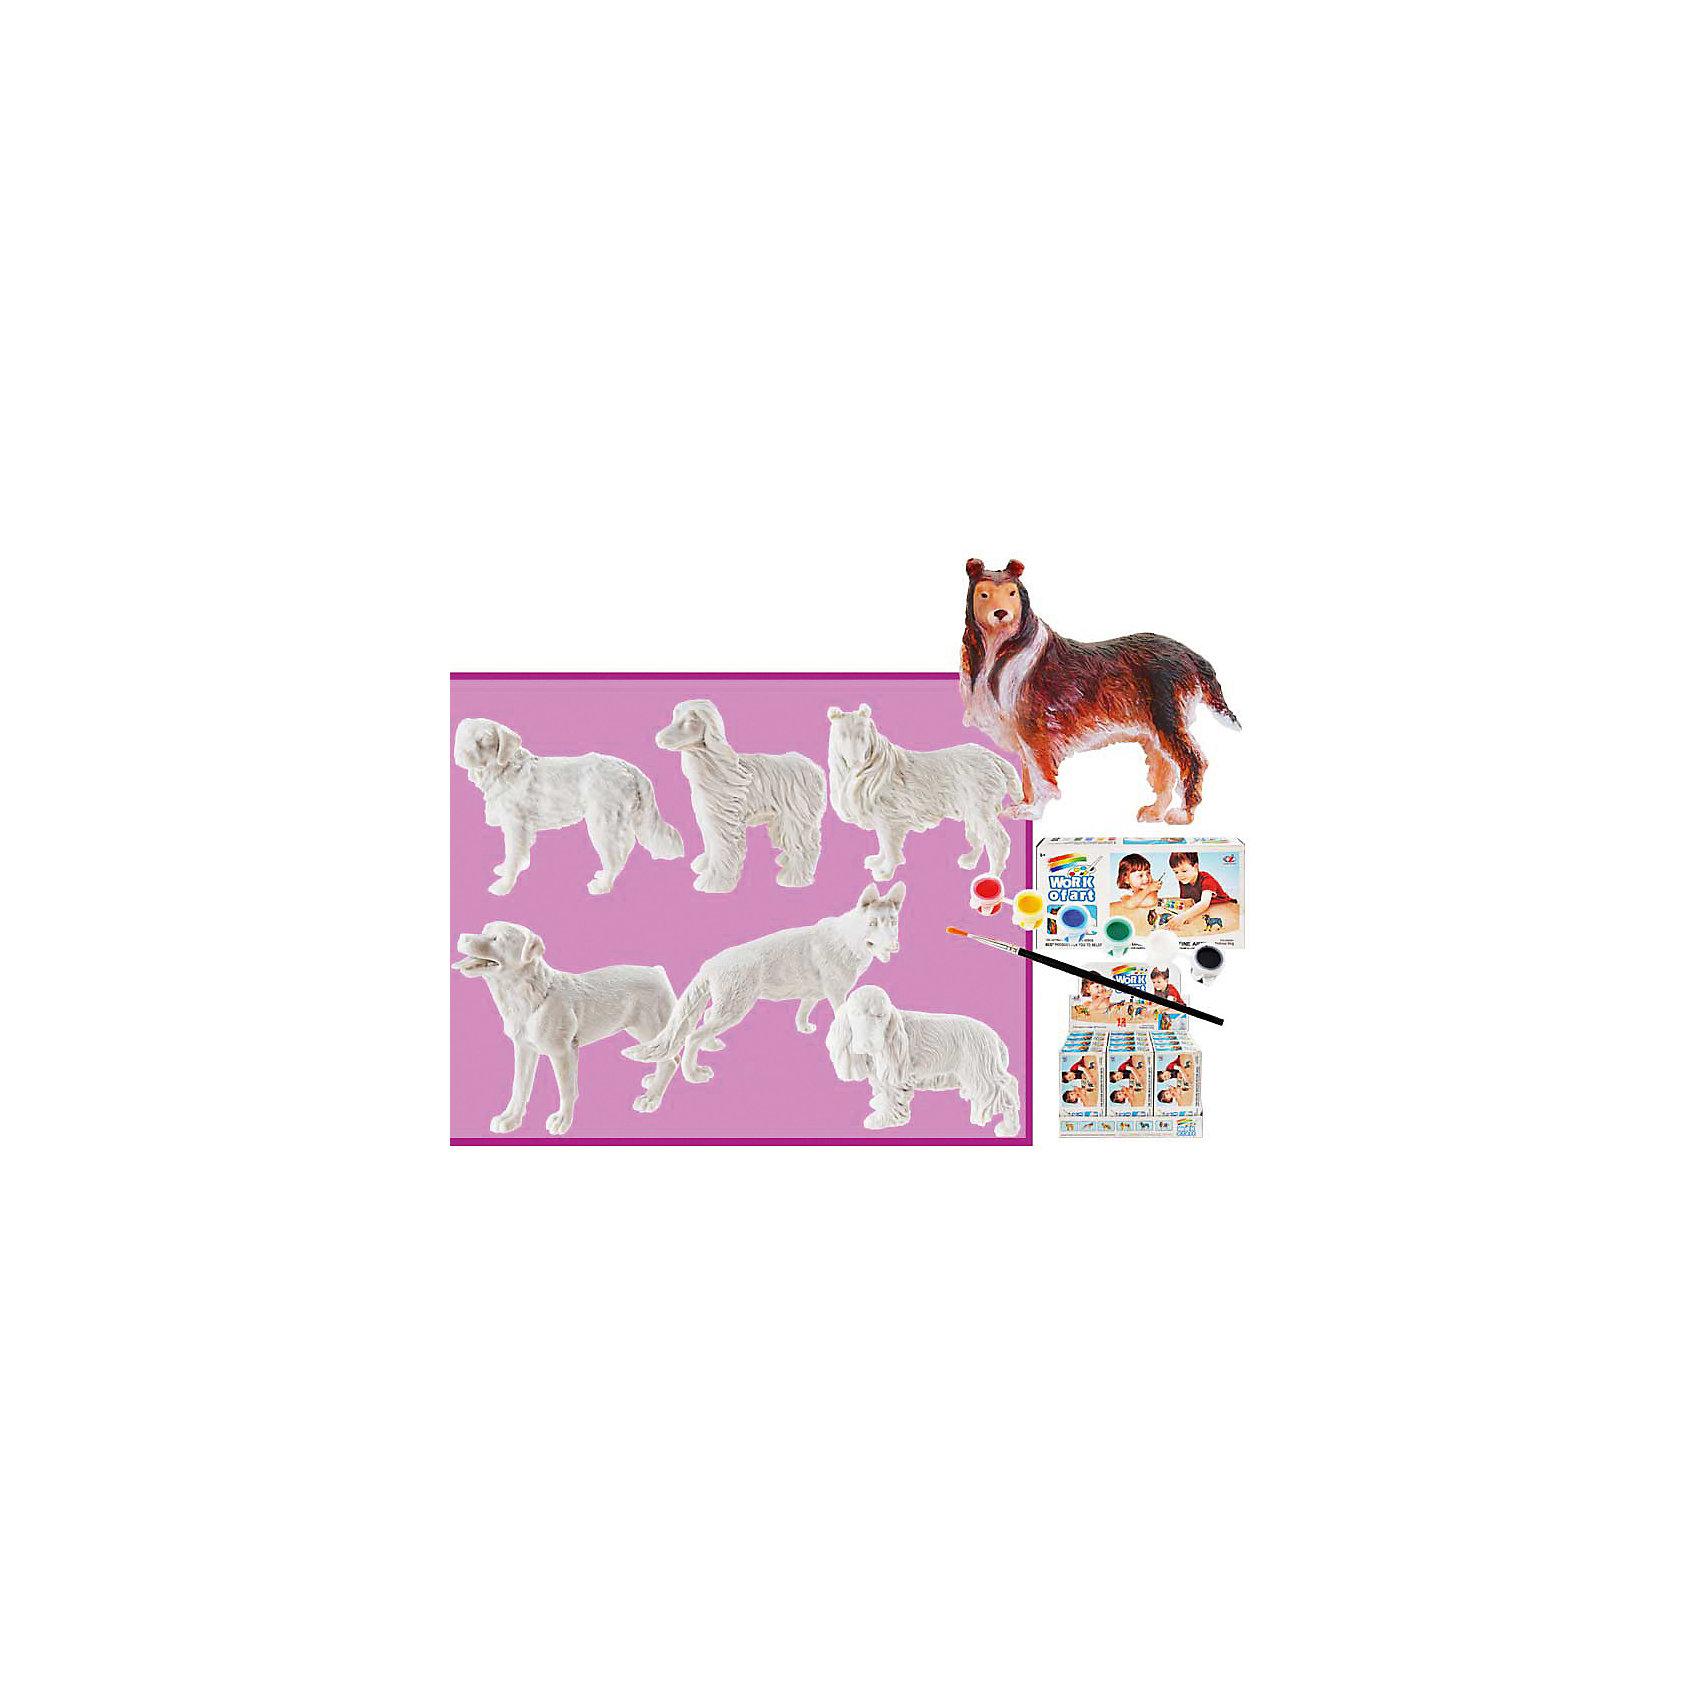 Набор для раскрашивания Две собаки (2 игрушки, кисть, краски), в ассортиментеДве собаки, Тукзар - оригинальный набор для детского творчества. Прекрасный подарок для любого ребенка.<br><br>Дополнительная информация:<br><br>- Комплектация: 2 игрушки, кисточка, краски, картонный дисплей, 6   форм в ассортименте<br>- Материал: пластик, <br>- Размер упаковки: 9,5*18*4,4 см<br><br>ВНИМАНИЕ! Данный артикул представлен в разных вариантах исполнения. К сожалению, заранее выбрать определенный вариант невозможно. При заказе нескольких наборов возможно получение одинаковых.<br><br>Набор для раскрашивания Две собаки, Тукзар можно купить в нашем магазине.<br><br>Ширина мм: 95<br>Глубина мм: 180<br>Высота мм: 44<br>Вес г: 146<br>Возраст от месяцев: 36<br>Возраст до месяцев: 216<br>Пол: Унисекс<br>Возраст: Детский<br>SKU: 3807516